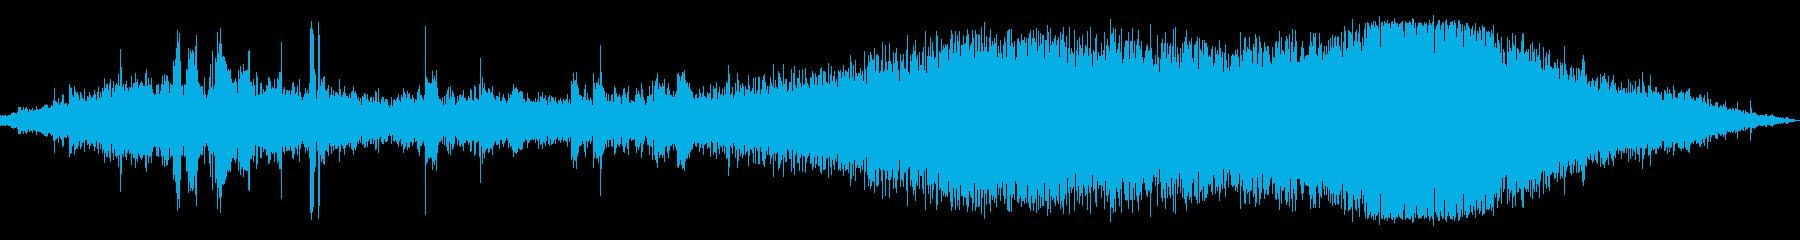 カッコウカッコウ(信号待ちの交差点)の再生済みの波形